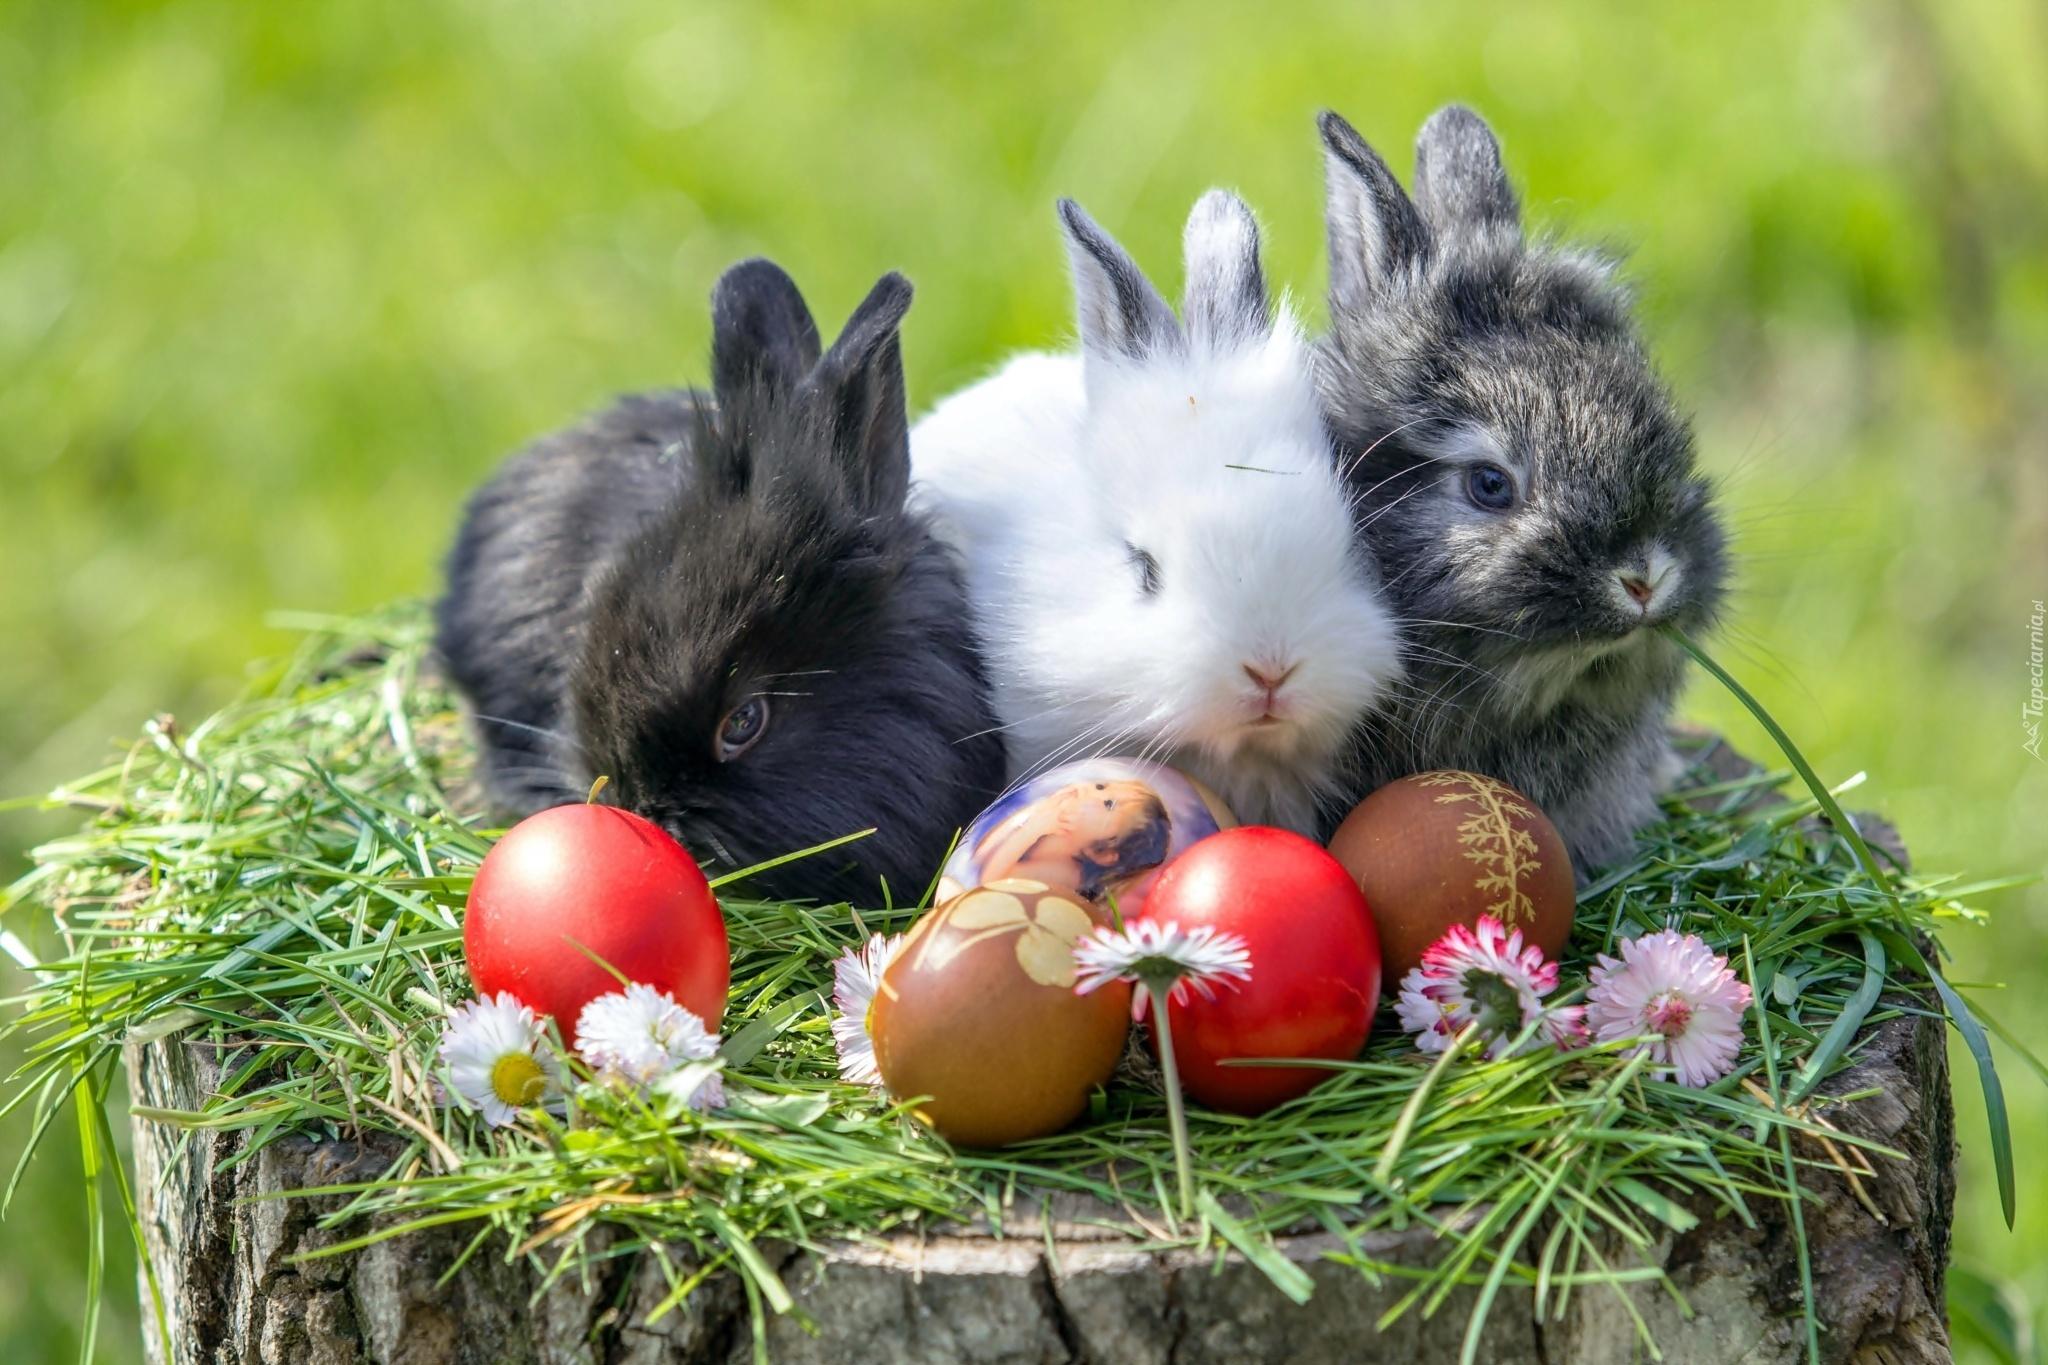 Króliki, Jajka, Wielkanocne, Stokrotki, Trawa, Pień, Drzewa